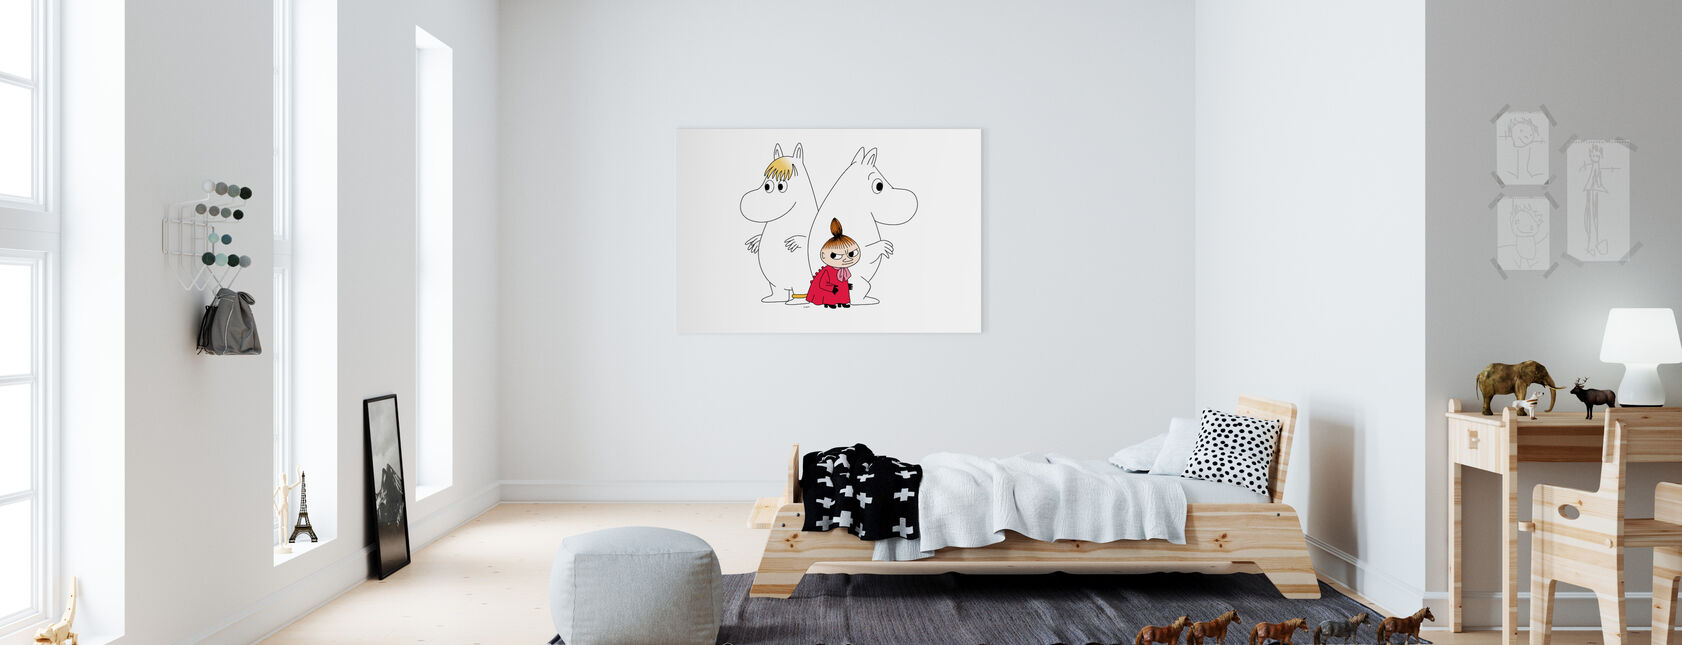 Muumi - Niiskuneito ja Pikku Myy - Canvastaulu - Lastenhuone